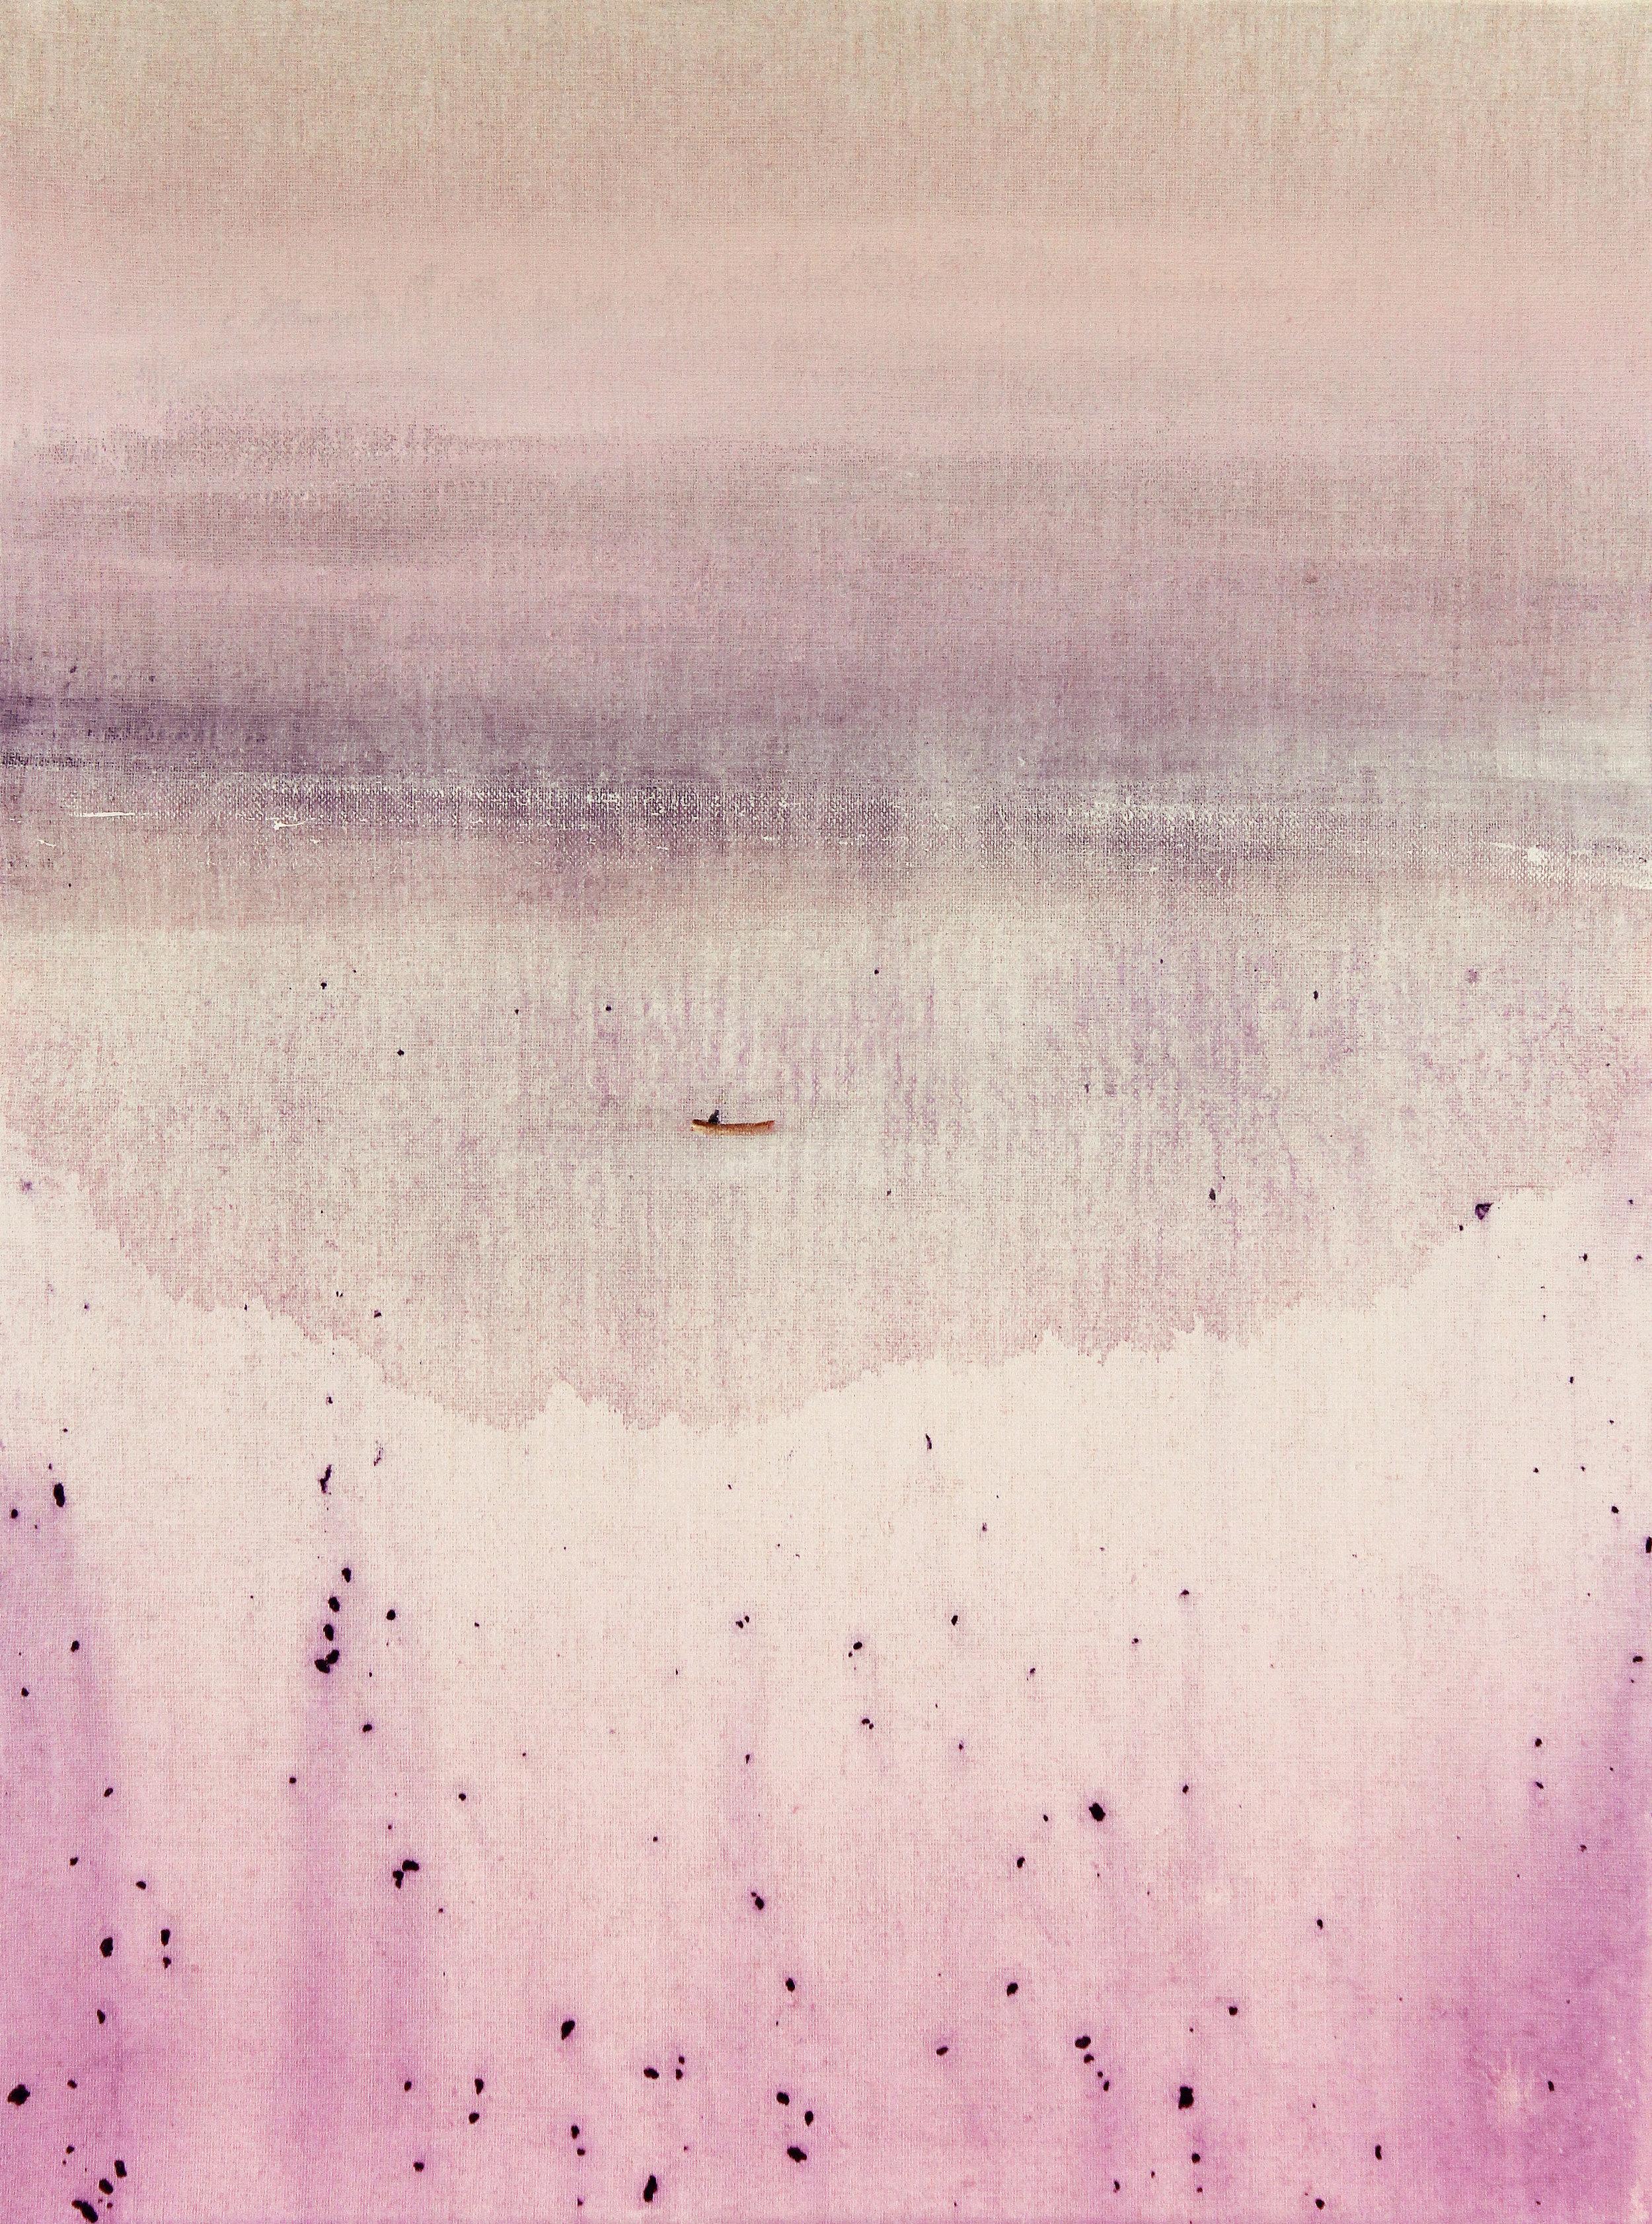 03_O.T.(Meer 2), 2017, Acryl Öl auf Leinwand, 80x60cm.jpg